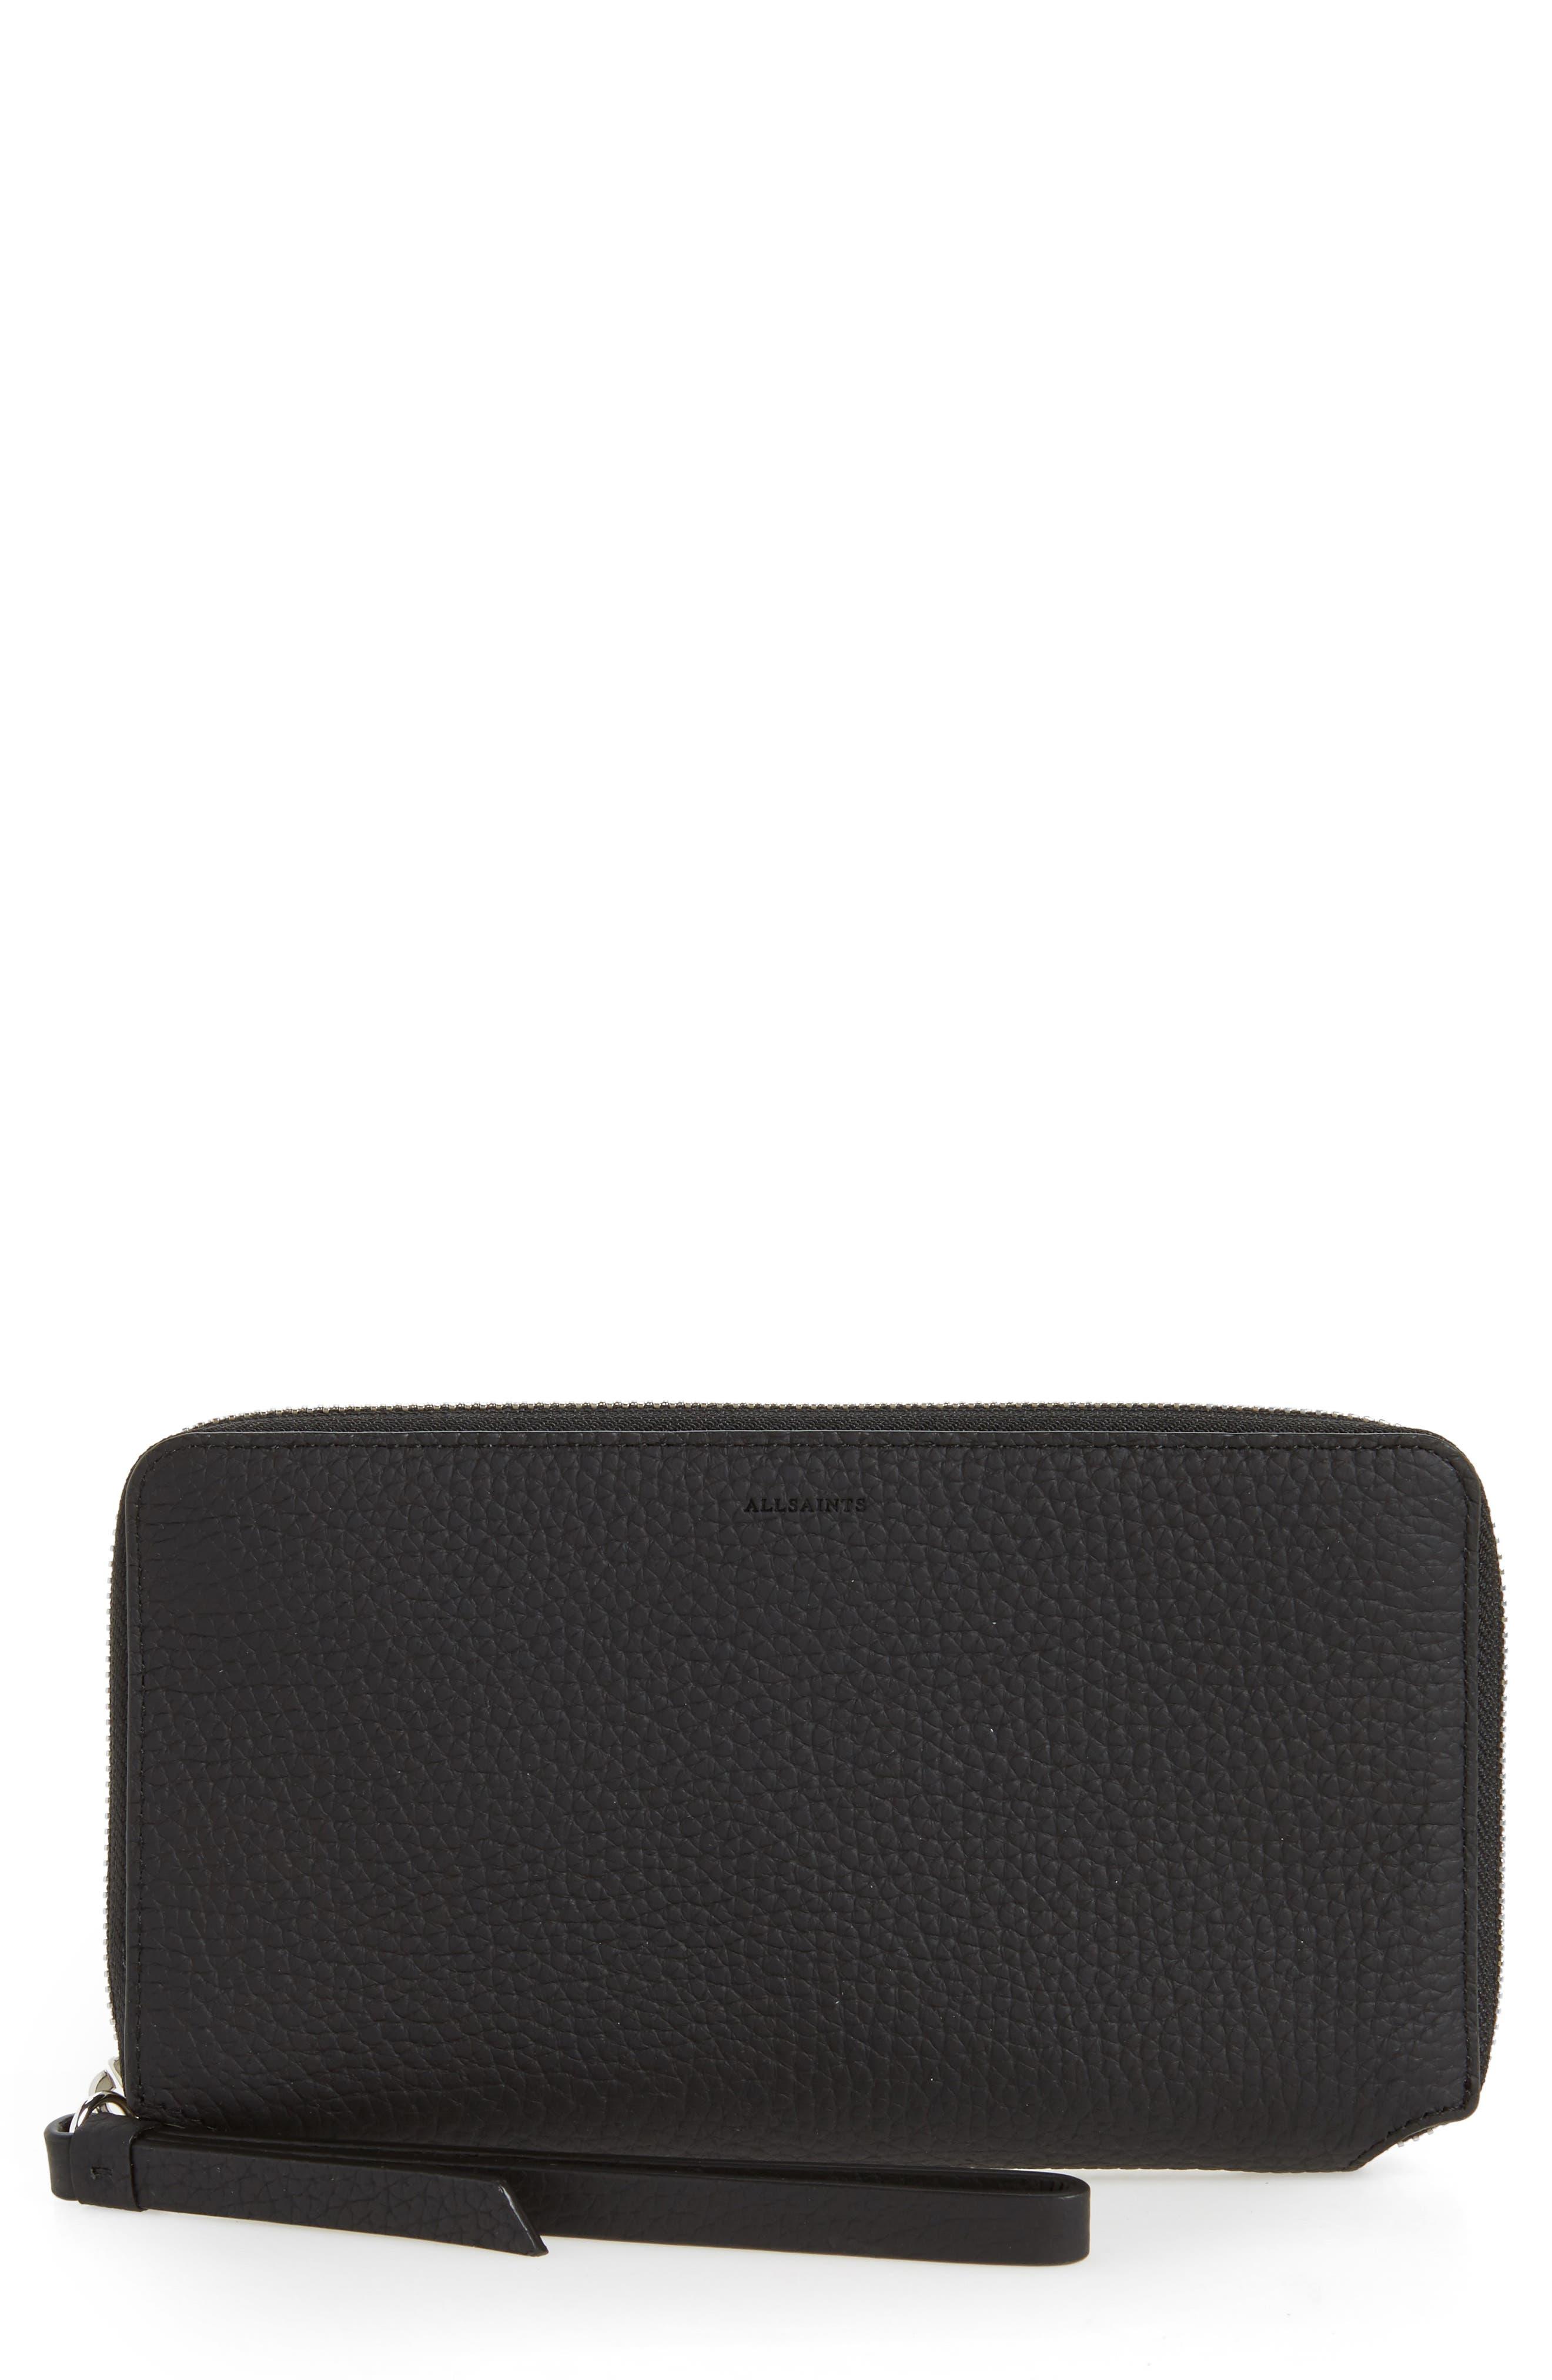 Fetch Leather Phone Wristlet,                             Main thumbnail 1, color,                             Black